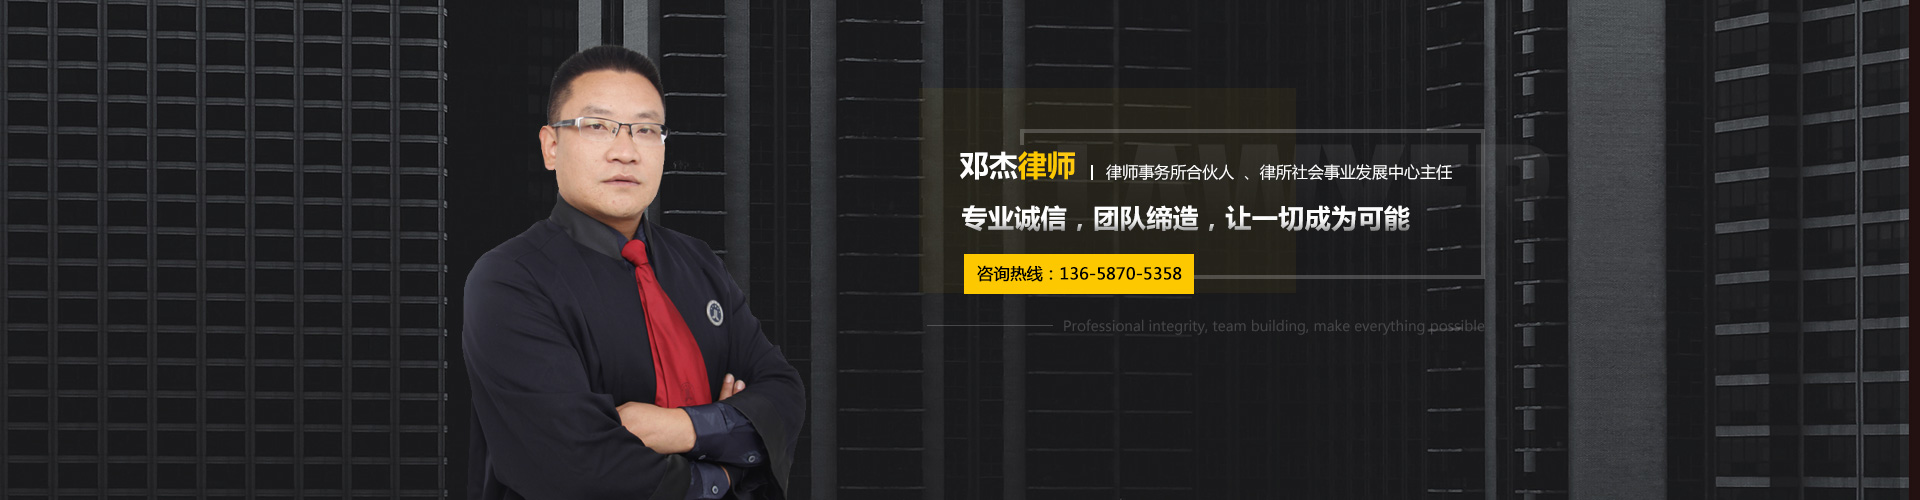 昭通邓杰律师